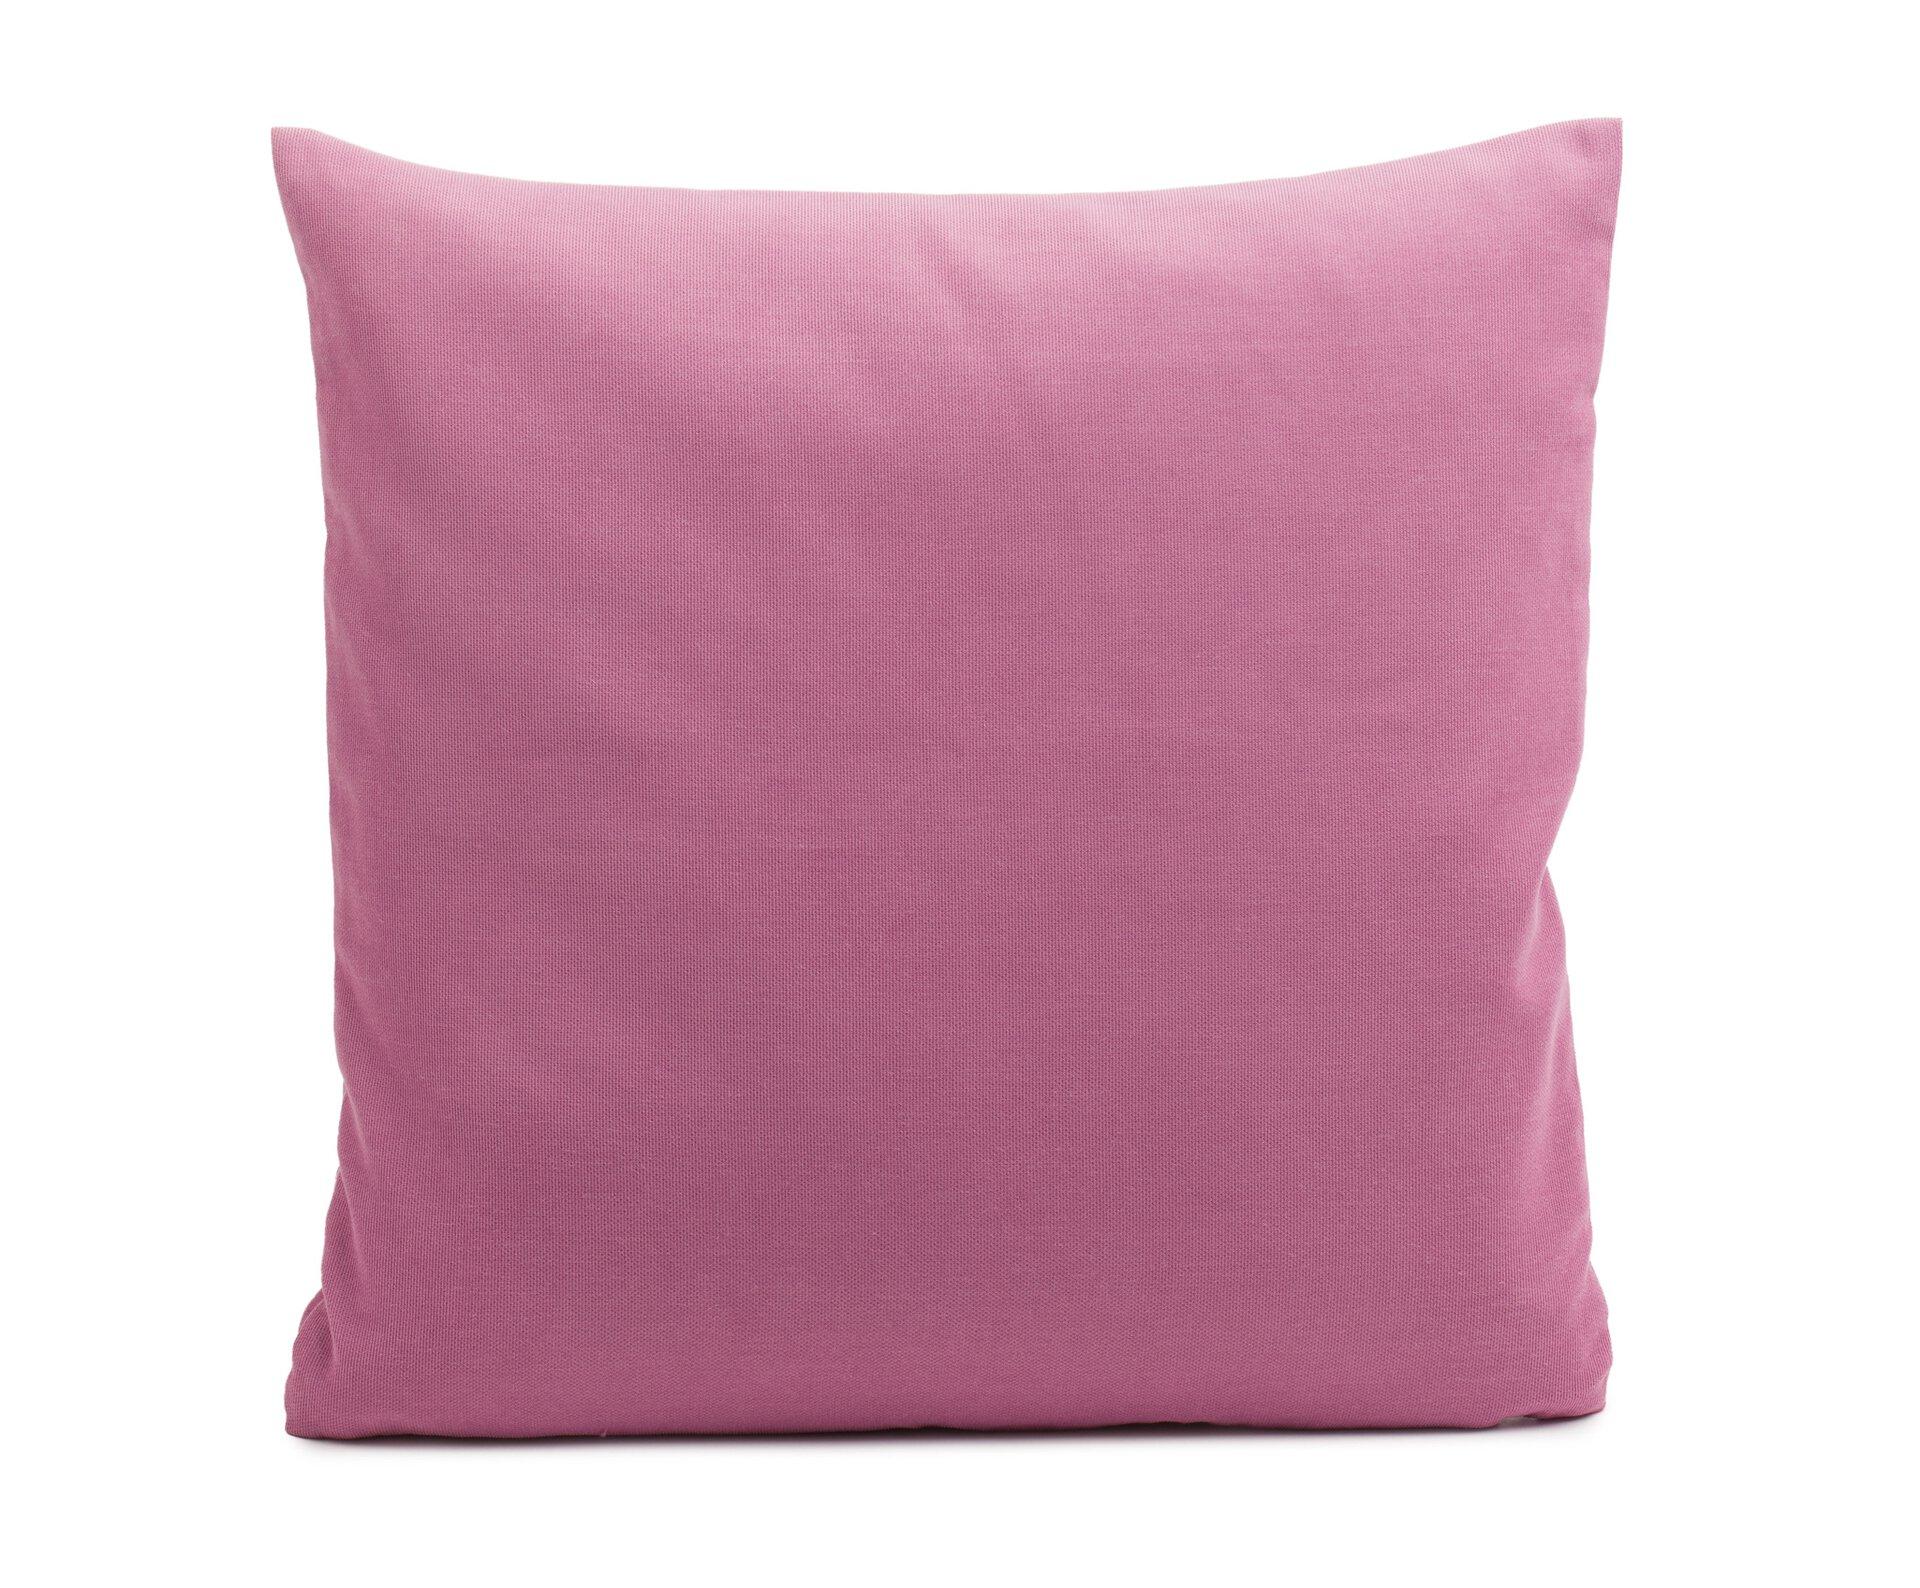 Kissenhülle Dante Ambiente Trendlife Textil rosa 60 x 60 cm